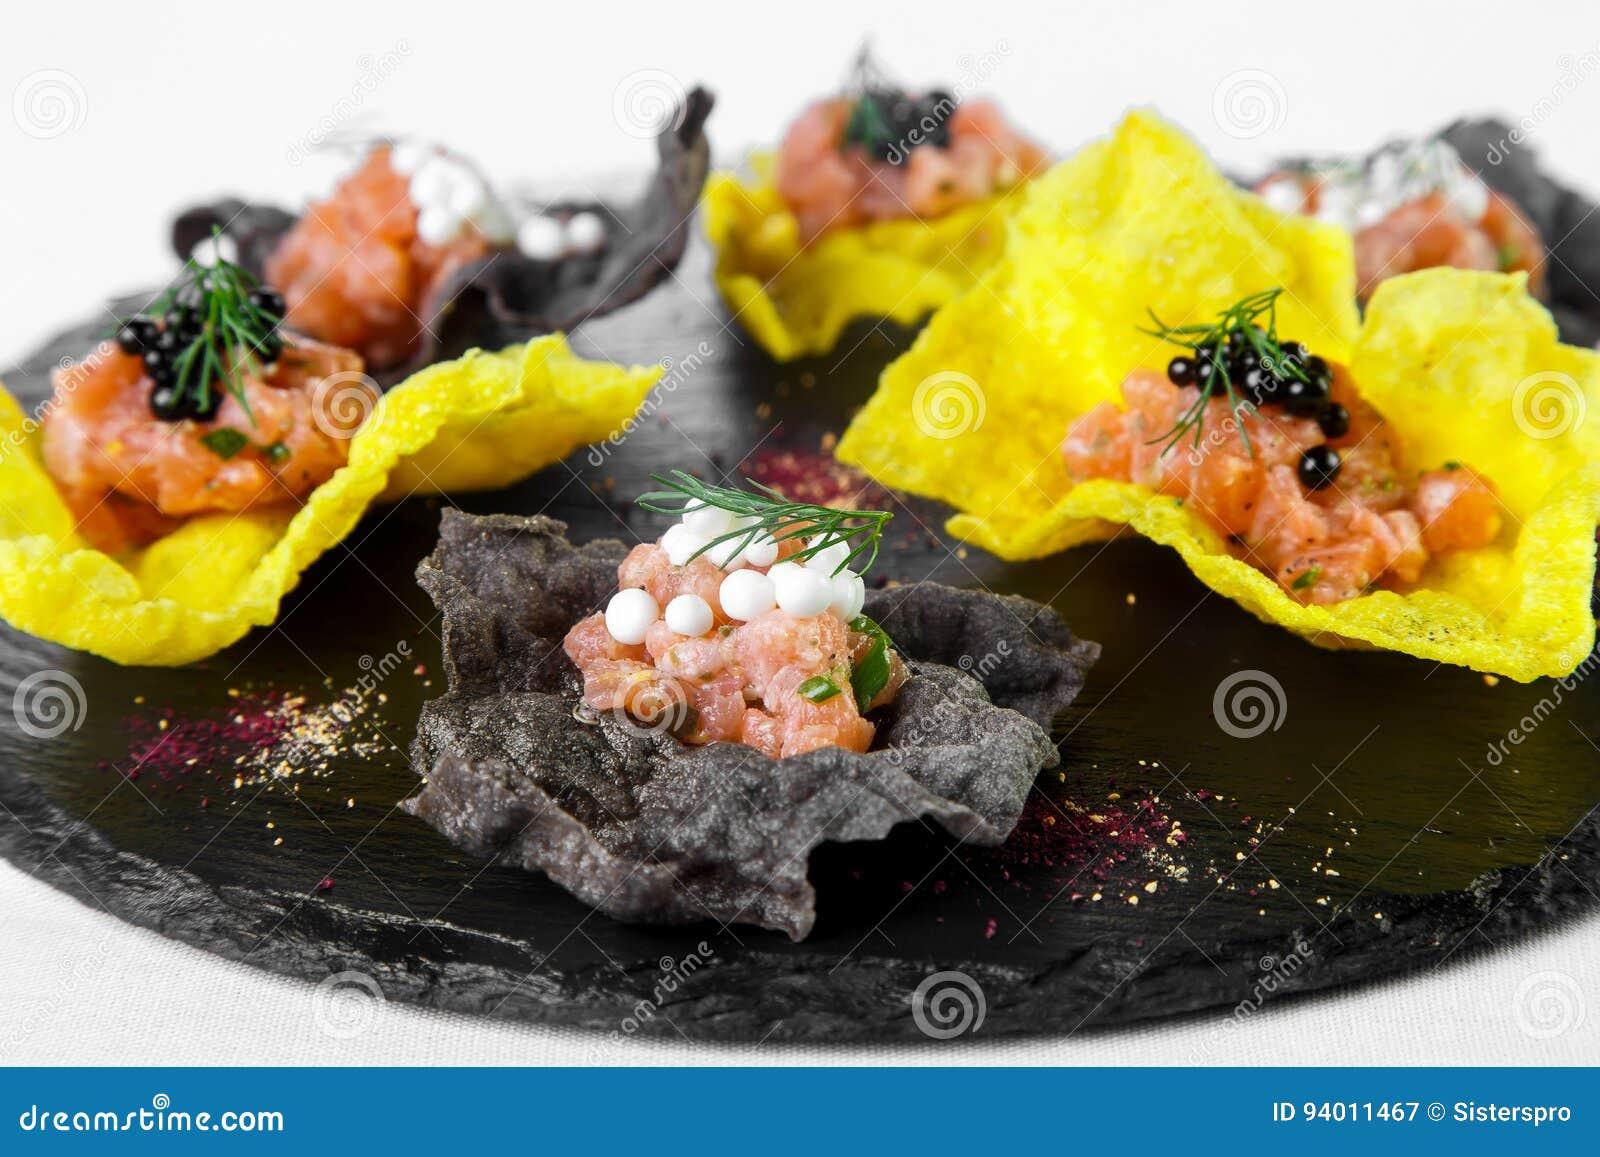 Ελαφρύ πρόχειρο φαγητό των μαύρων και κίτρινων τσιπ που γεμίζουν με τα θαλασσινά στο sto